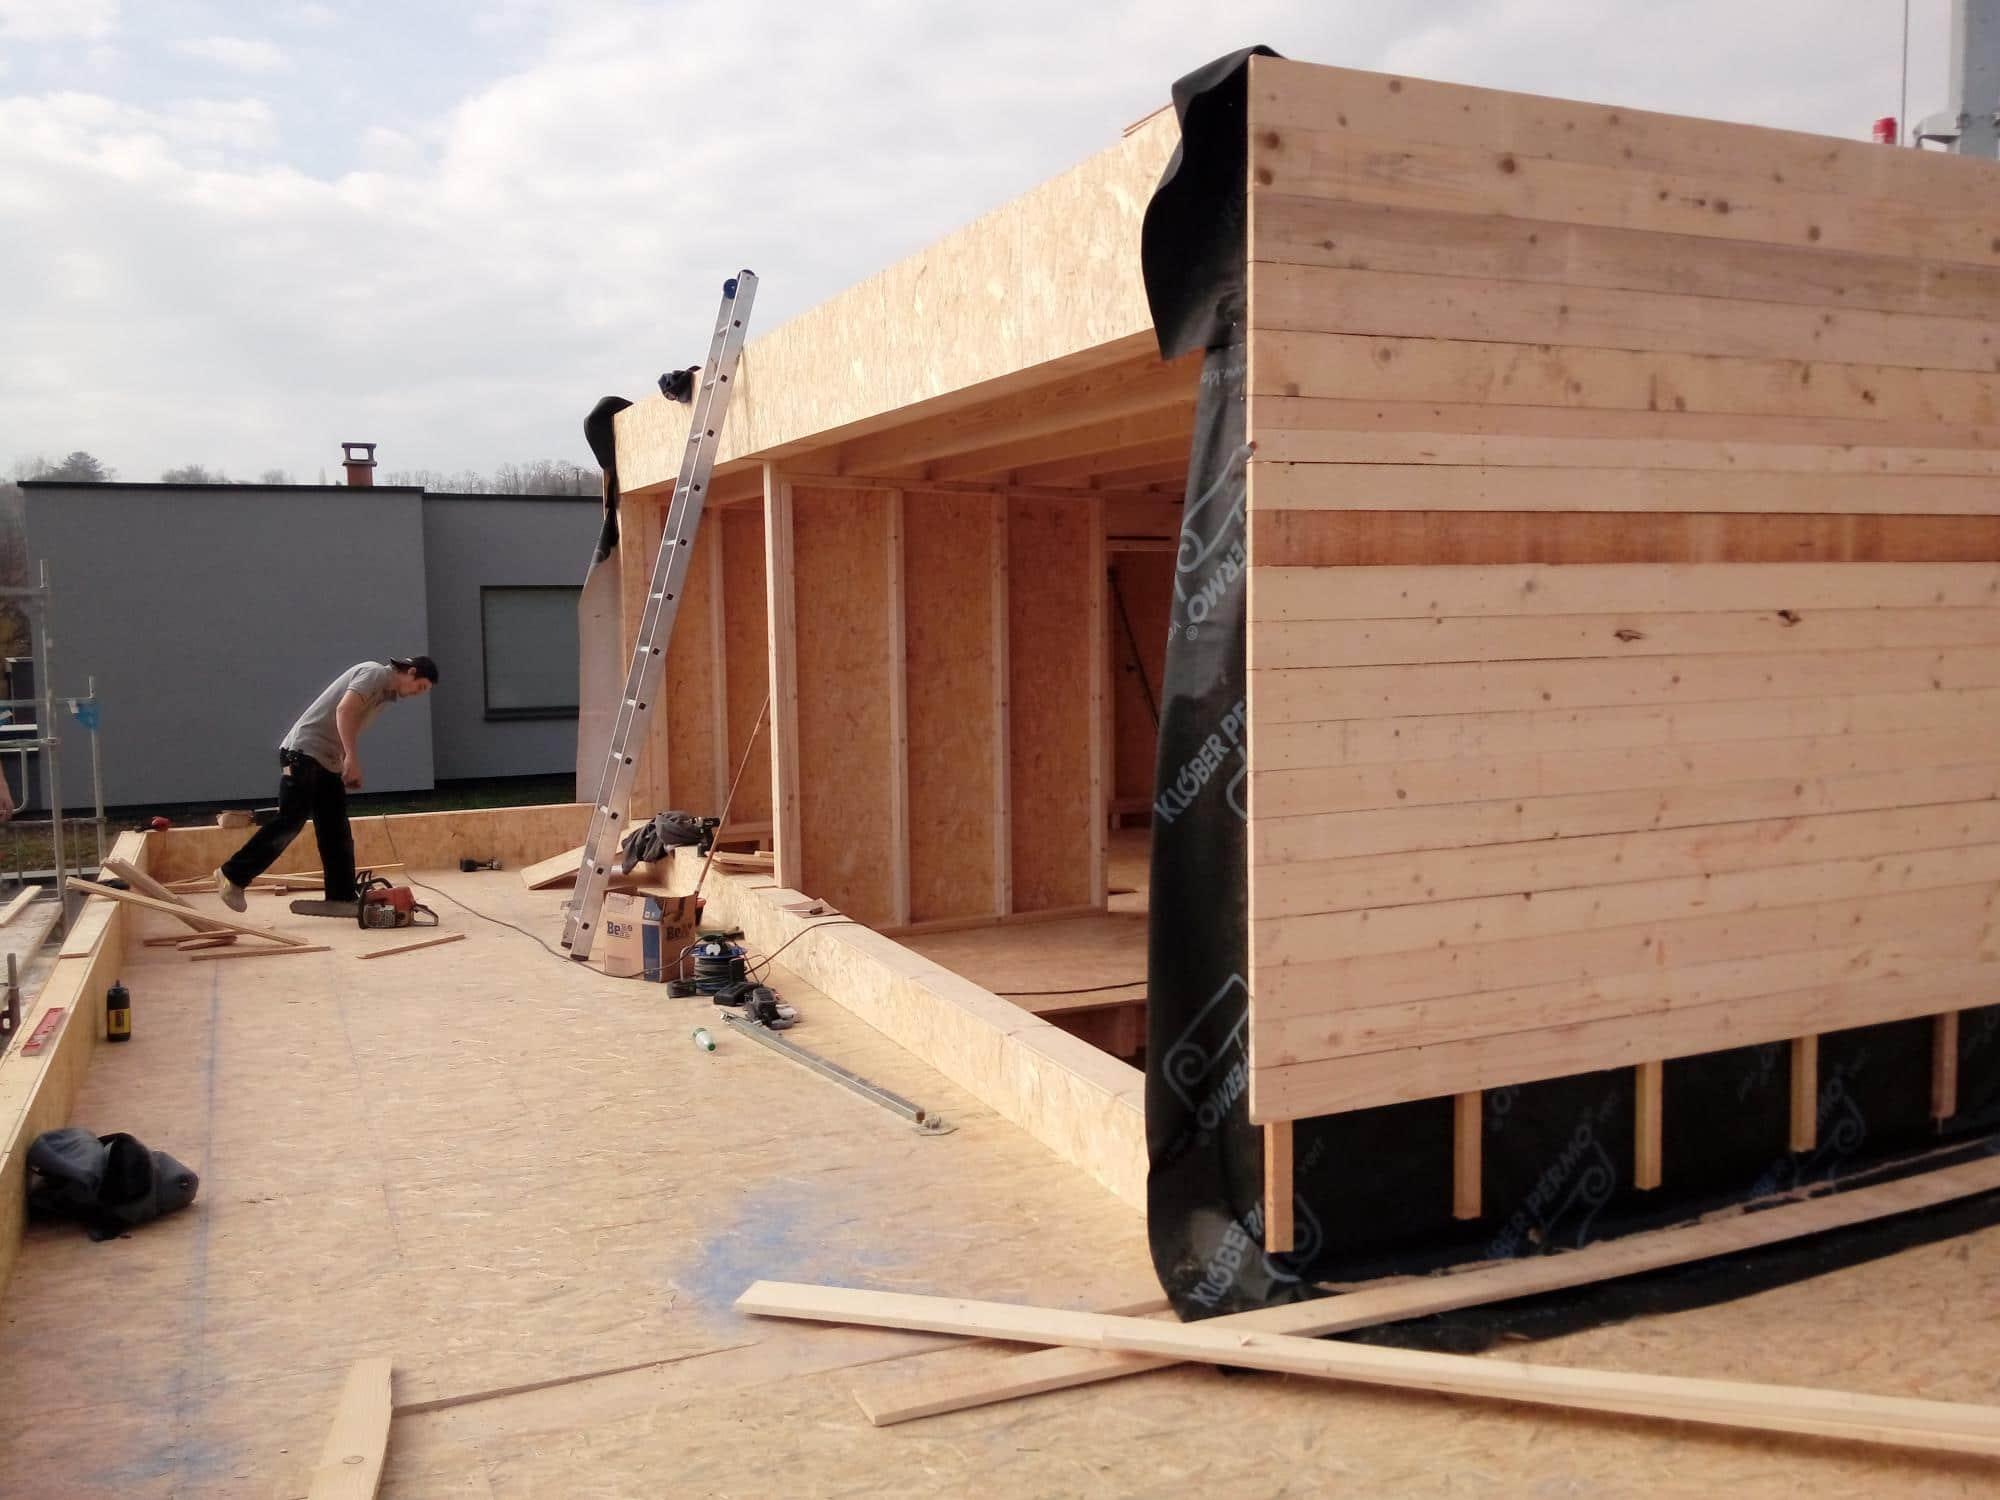 Pré-fabrication de l'ossature bois des pignons en atelier.